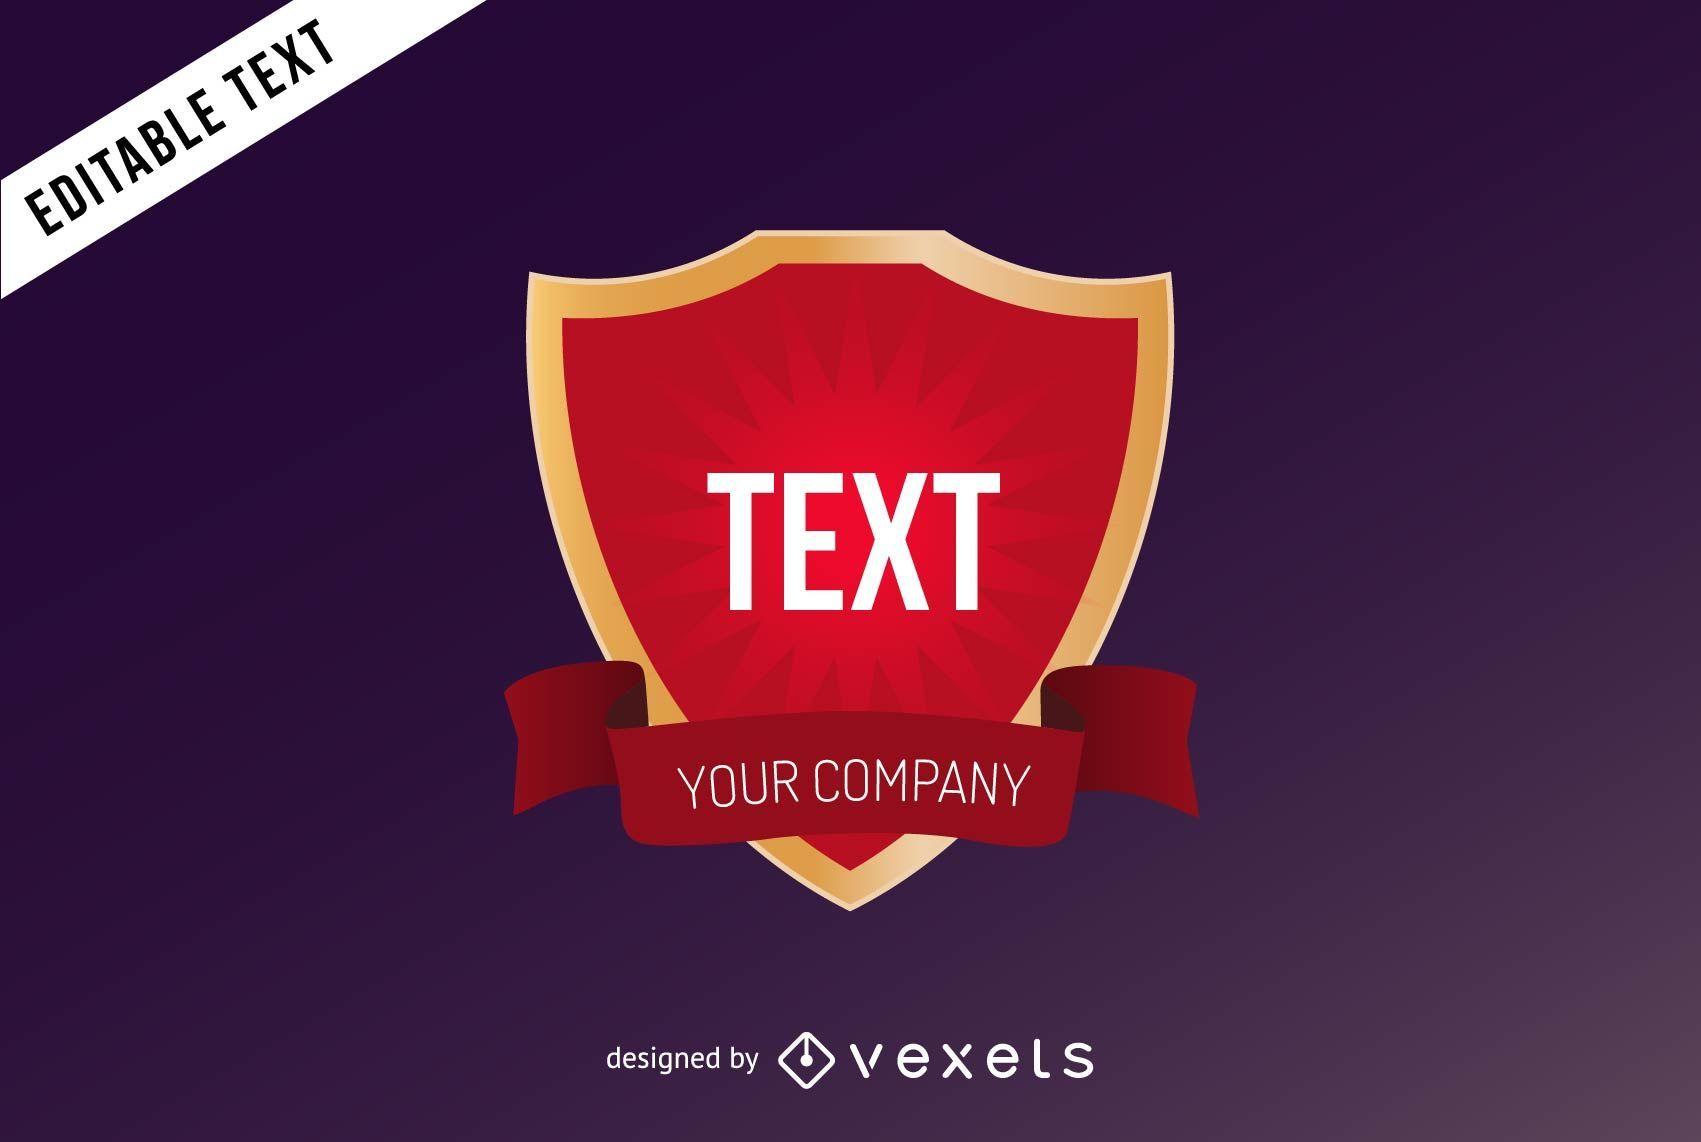 Crest Logo Template Design Download Large Image 1701x1142px License User